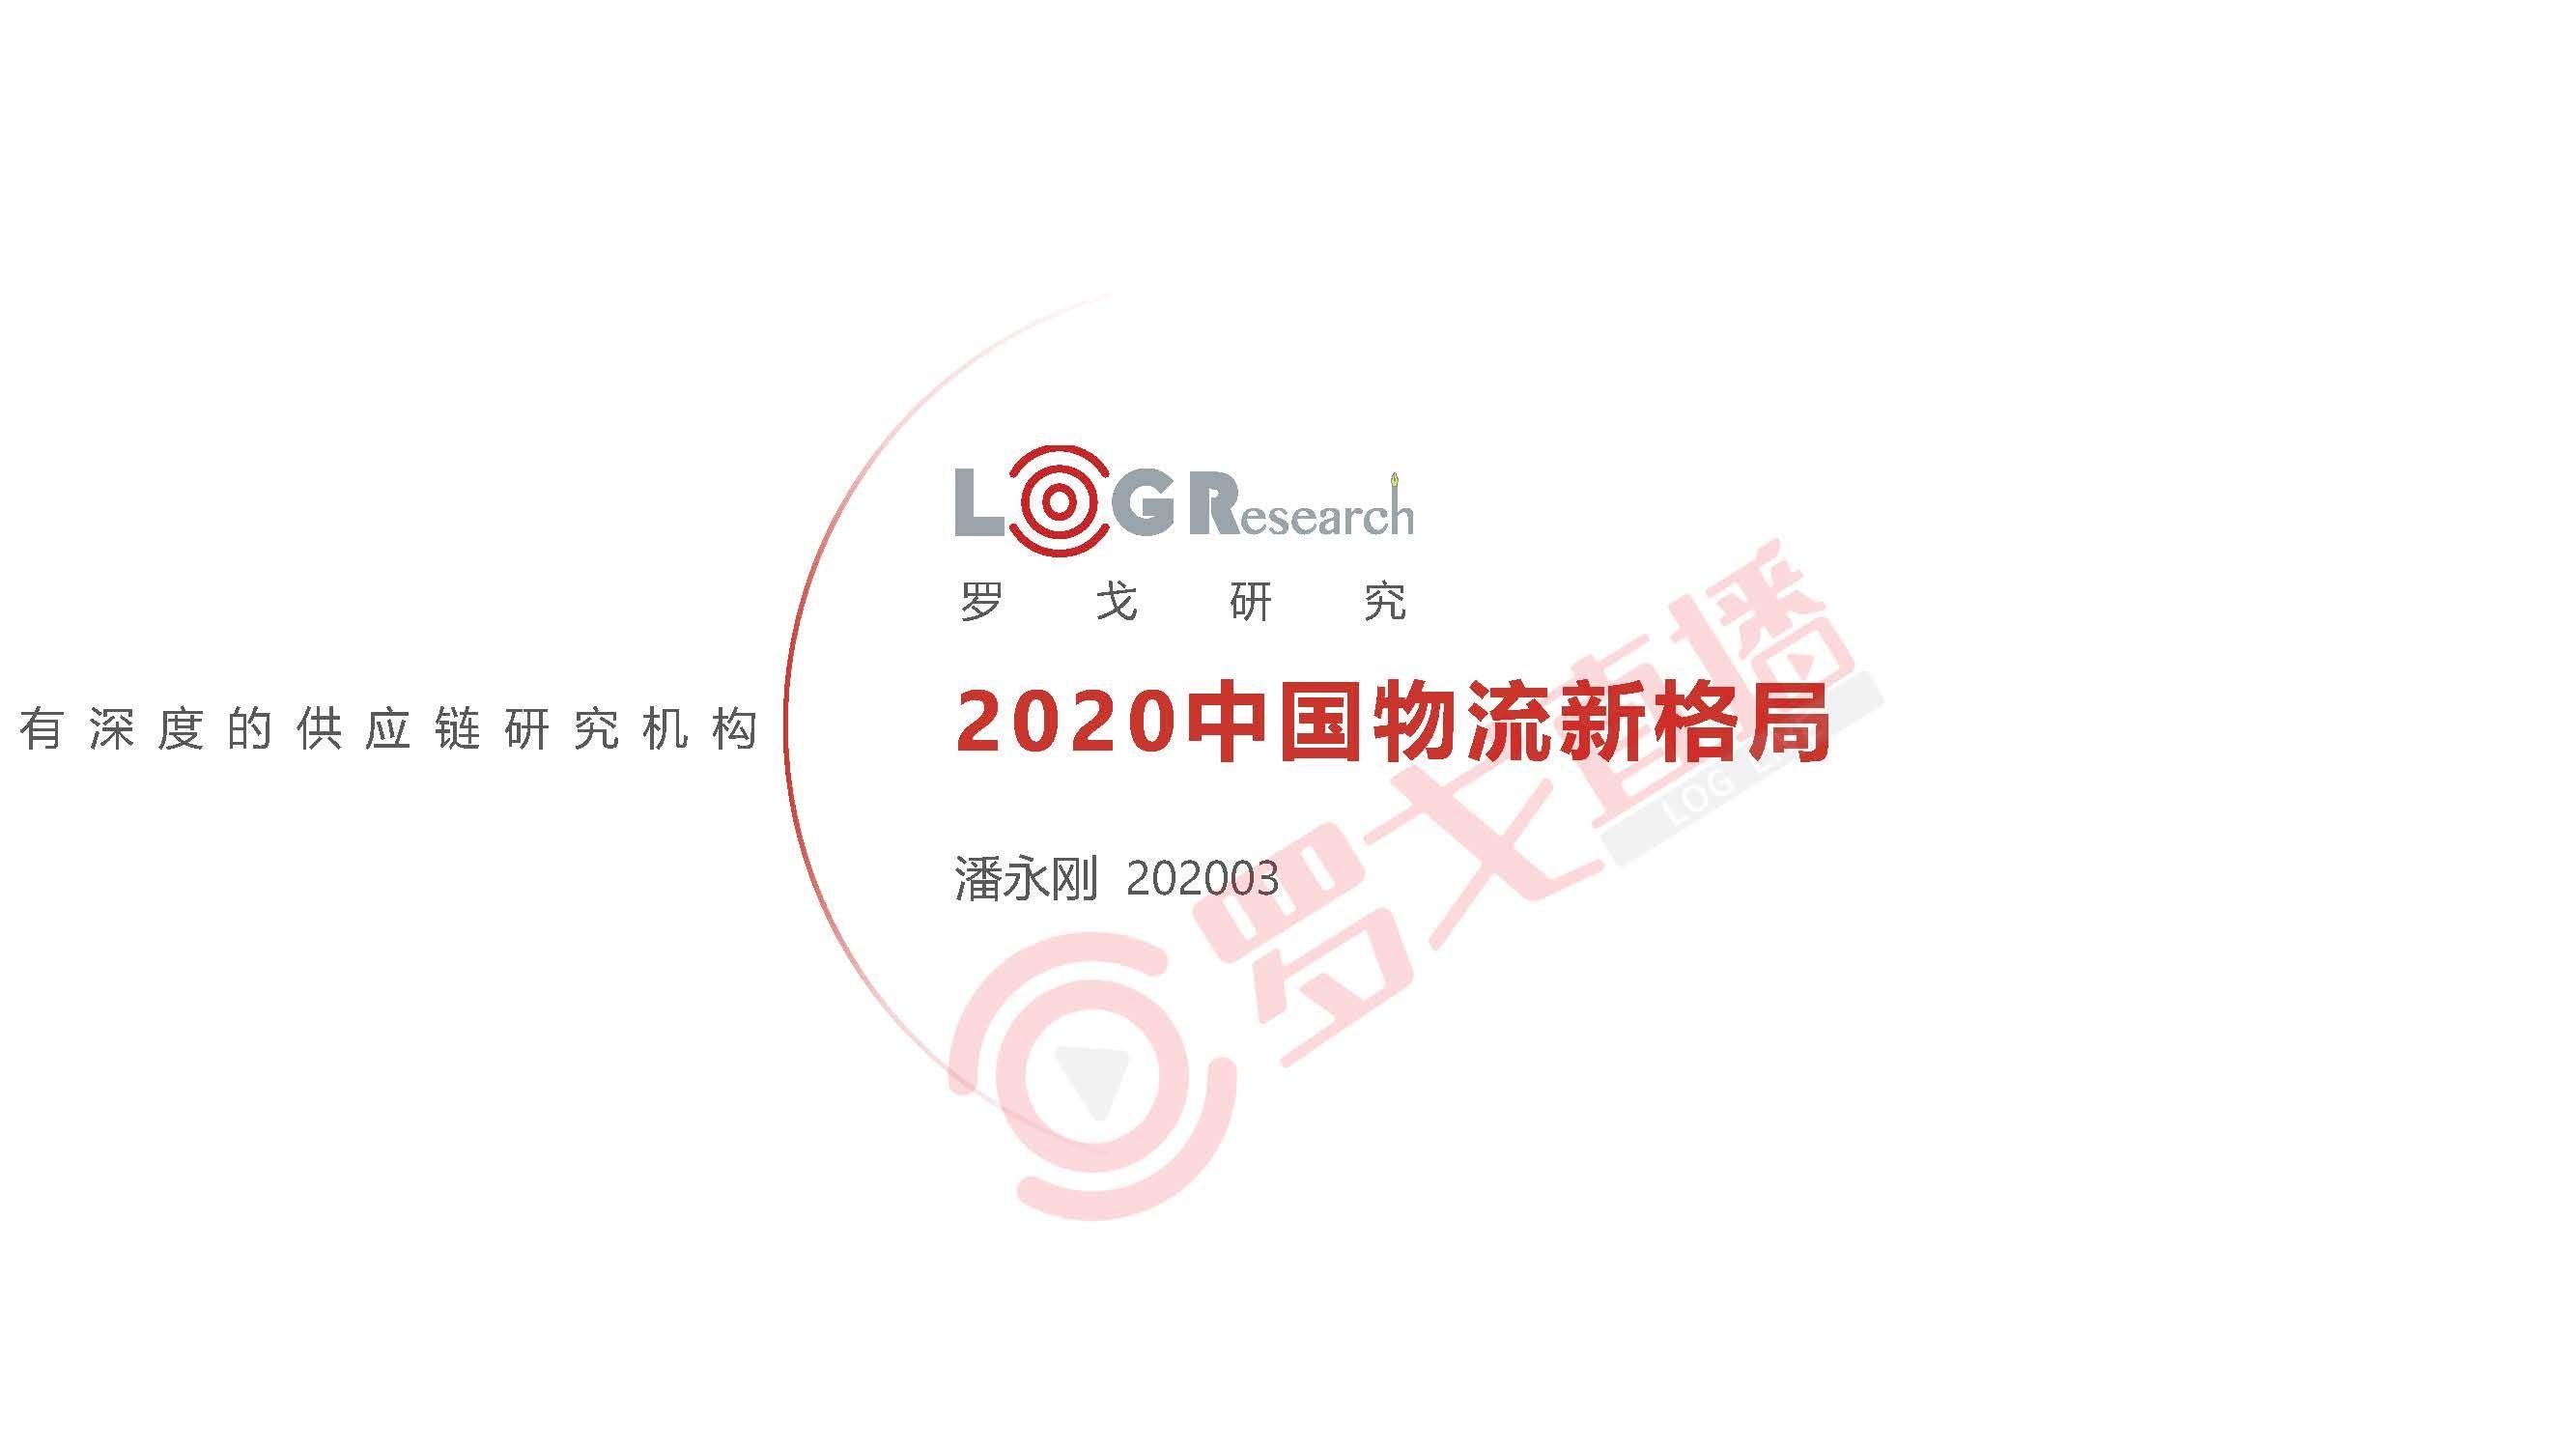 羅戈研究水哥:2020中國物流新格局